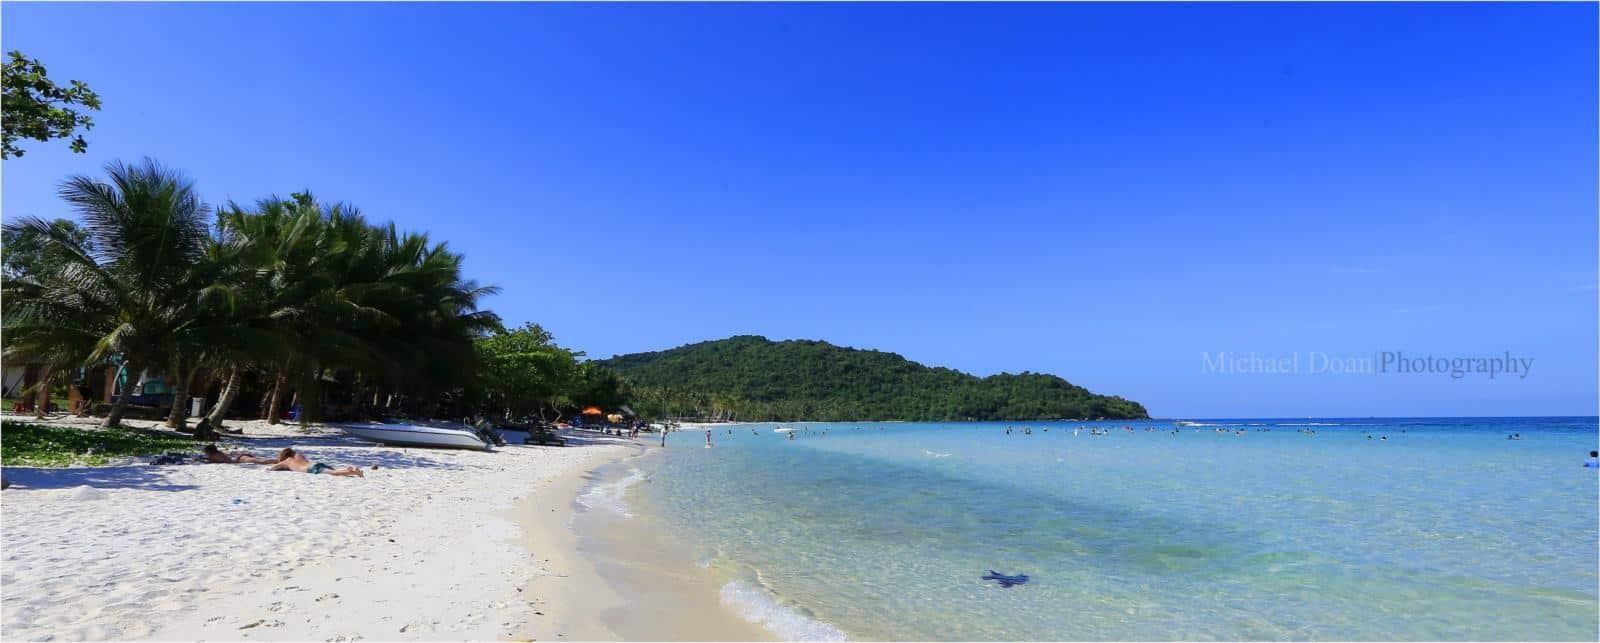 Bãi Sao được xem như bãi biển đẹp nhất Phú Quốc với màu biển xanh ngắt, cát trắng mịn như bột và và yên bình lặng sóng